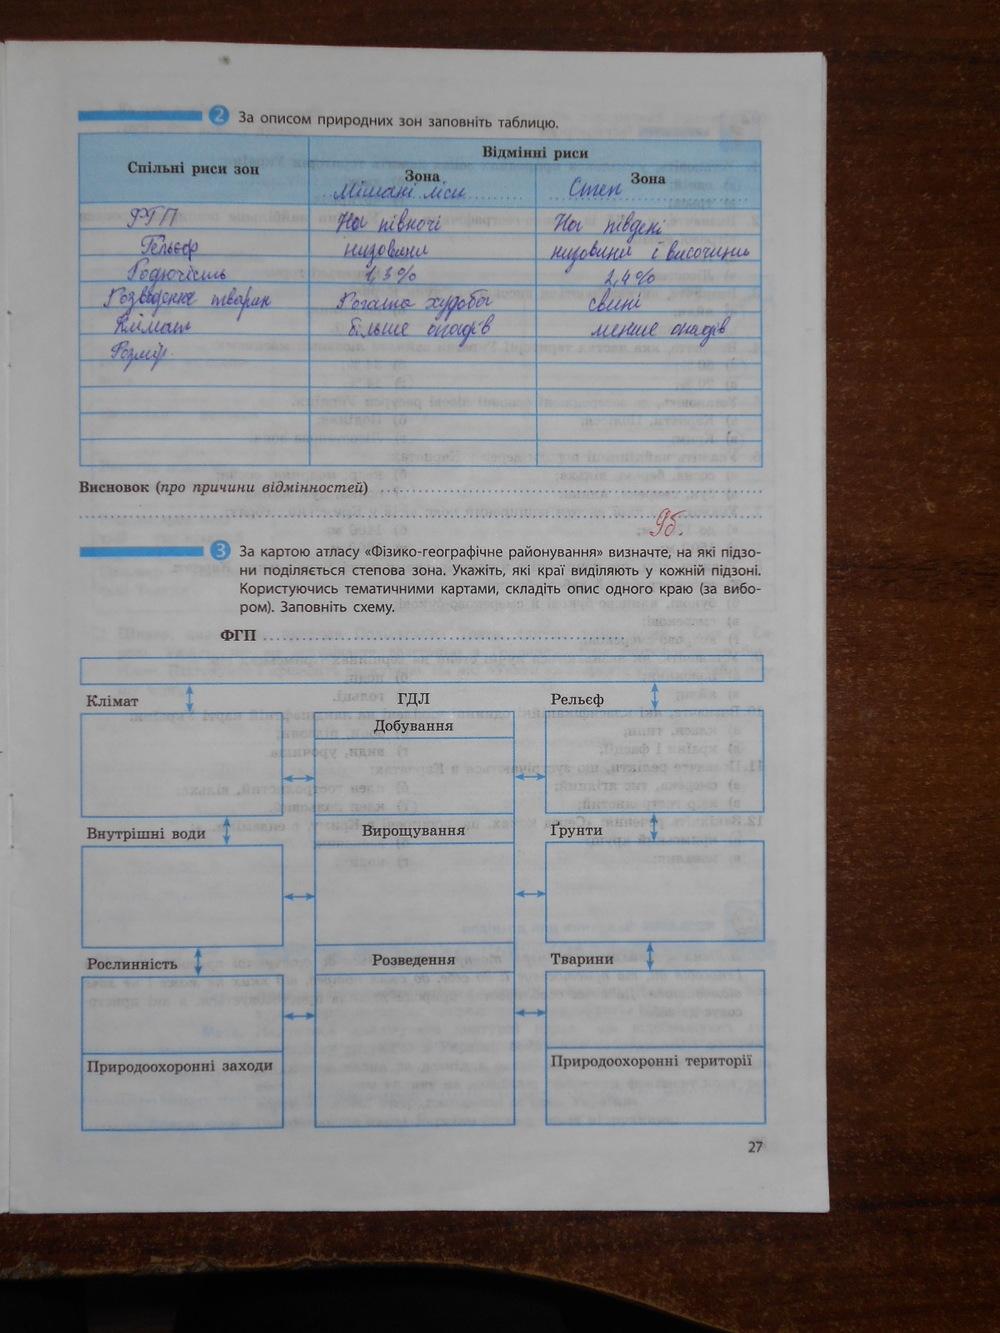 ГДЗ відповіді робочий зошит по географии 8 класс Т.Г. Гільберг, В.М. Проценко. Задание: стр. 27